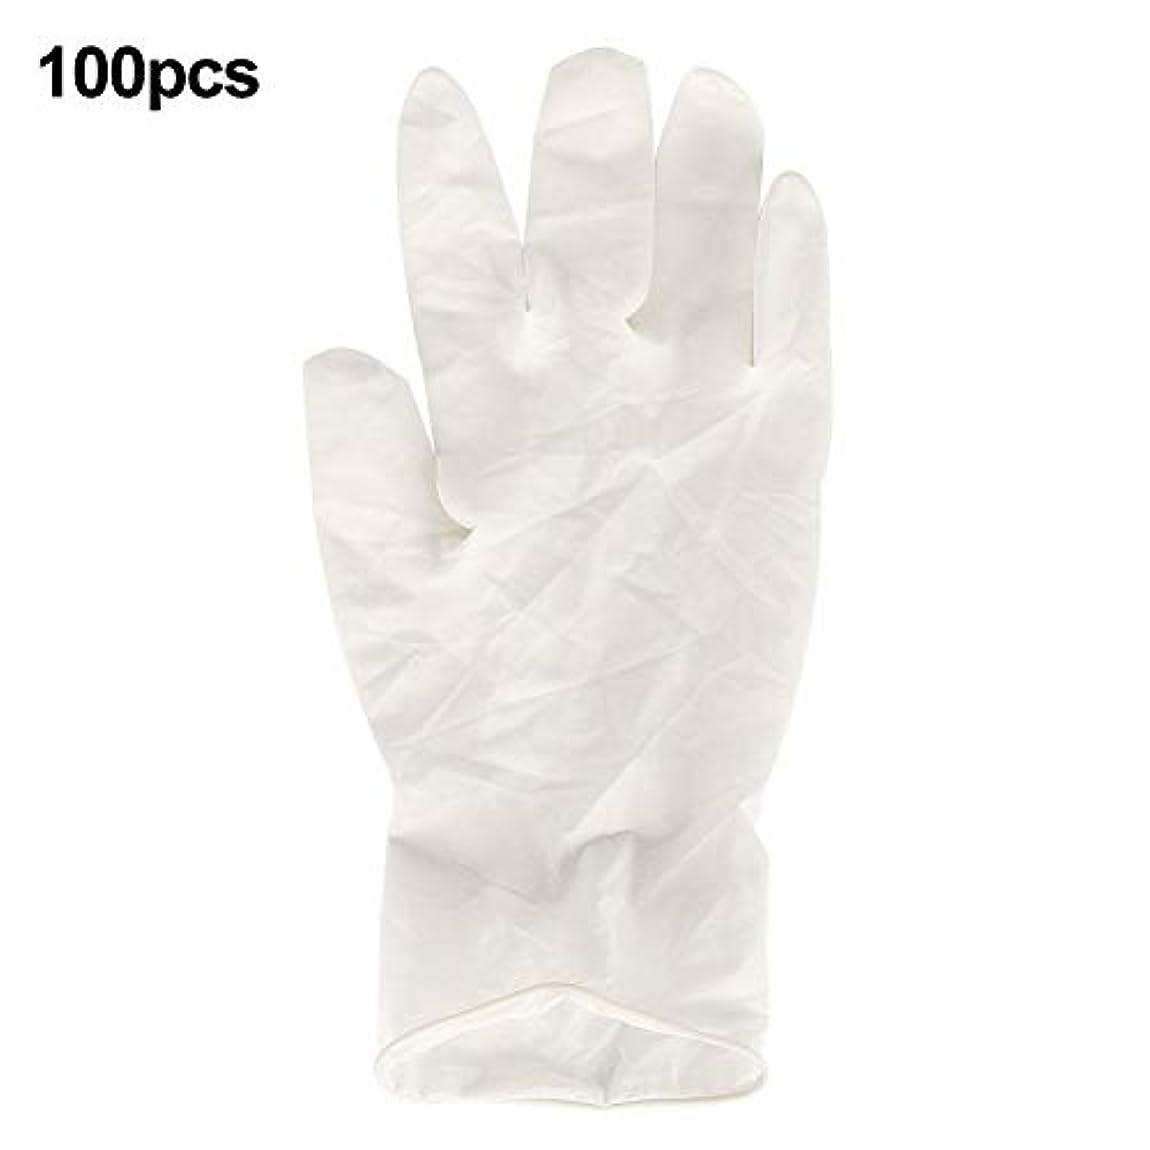 潜む帳面慎重Qiilu ラテックス手袋 使い捨て手袋 ゴム手袋 100個(中型)